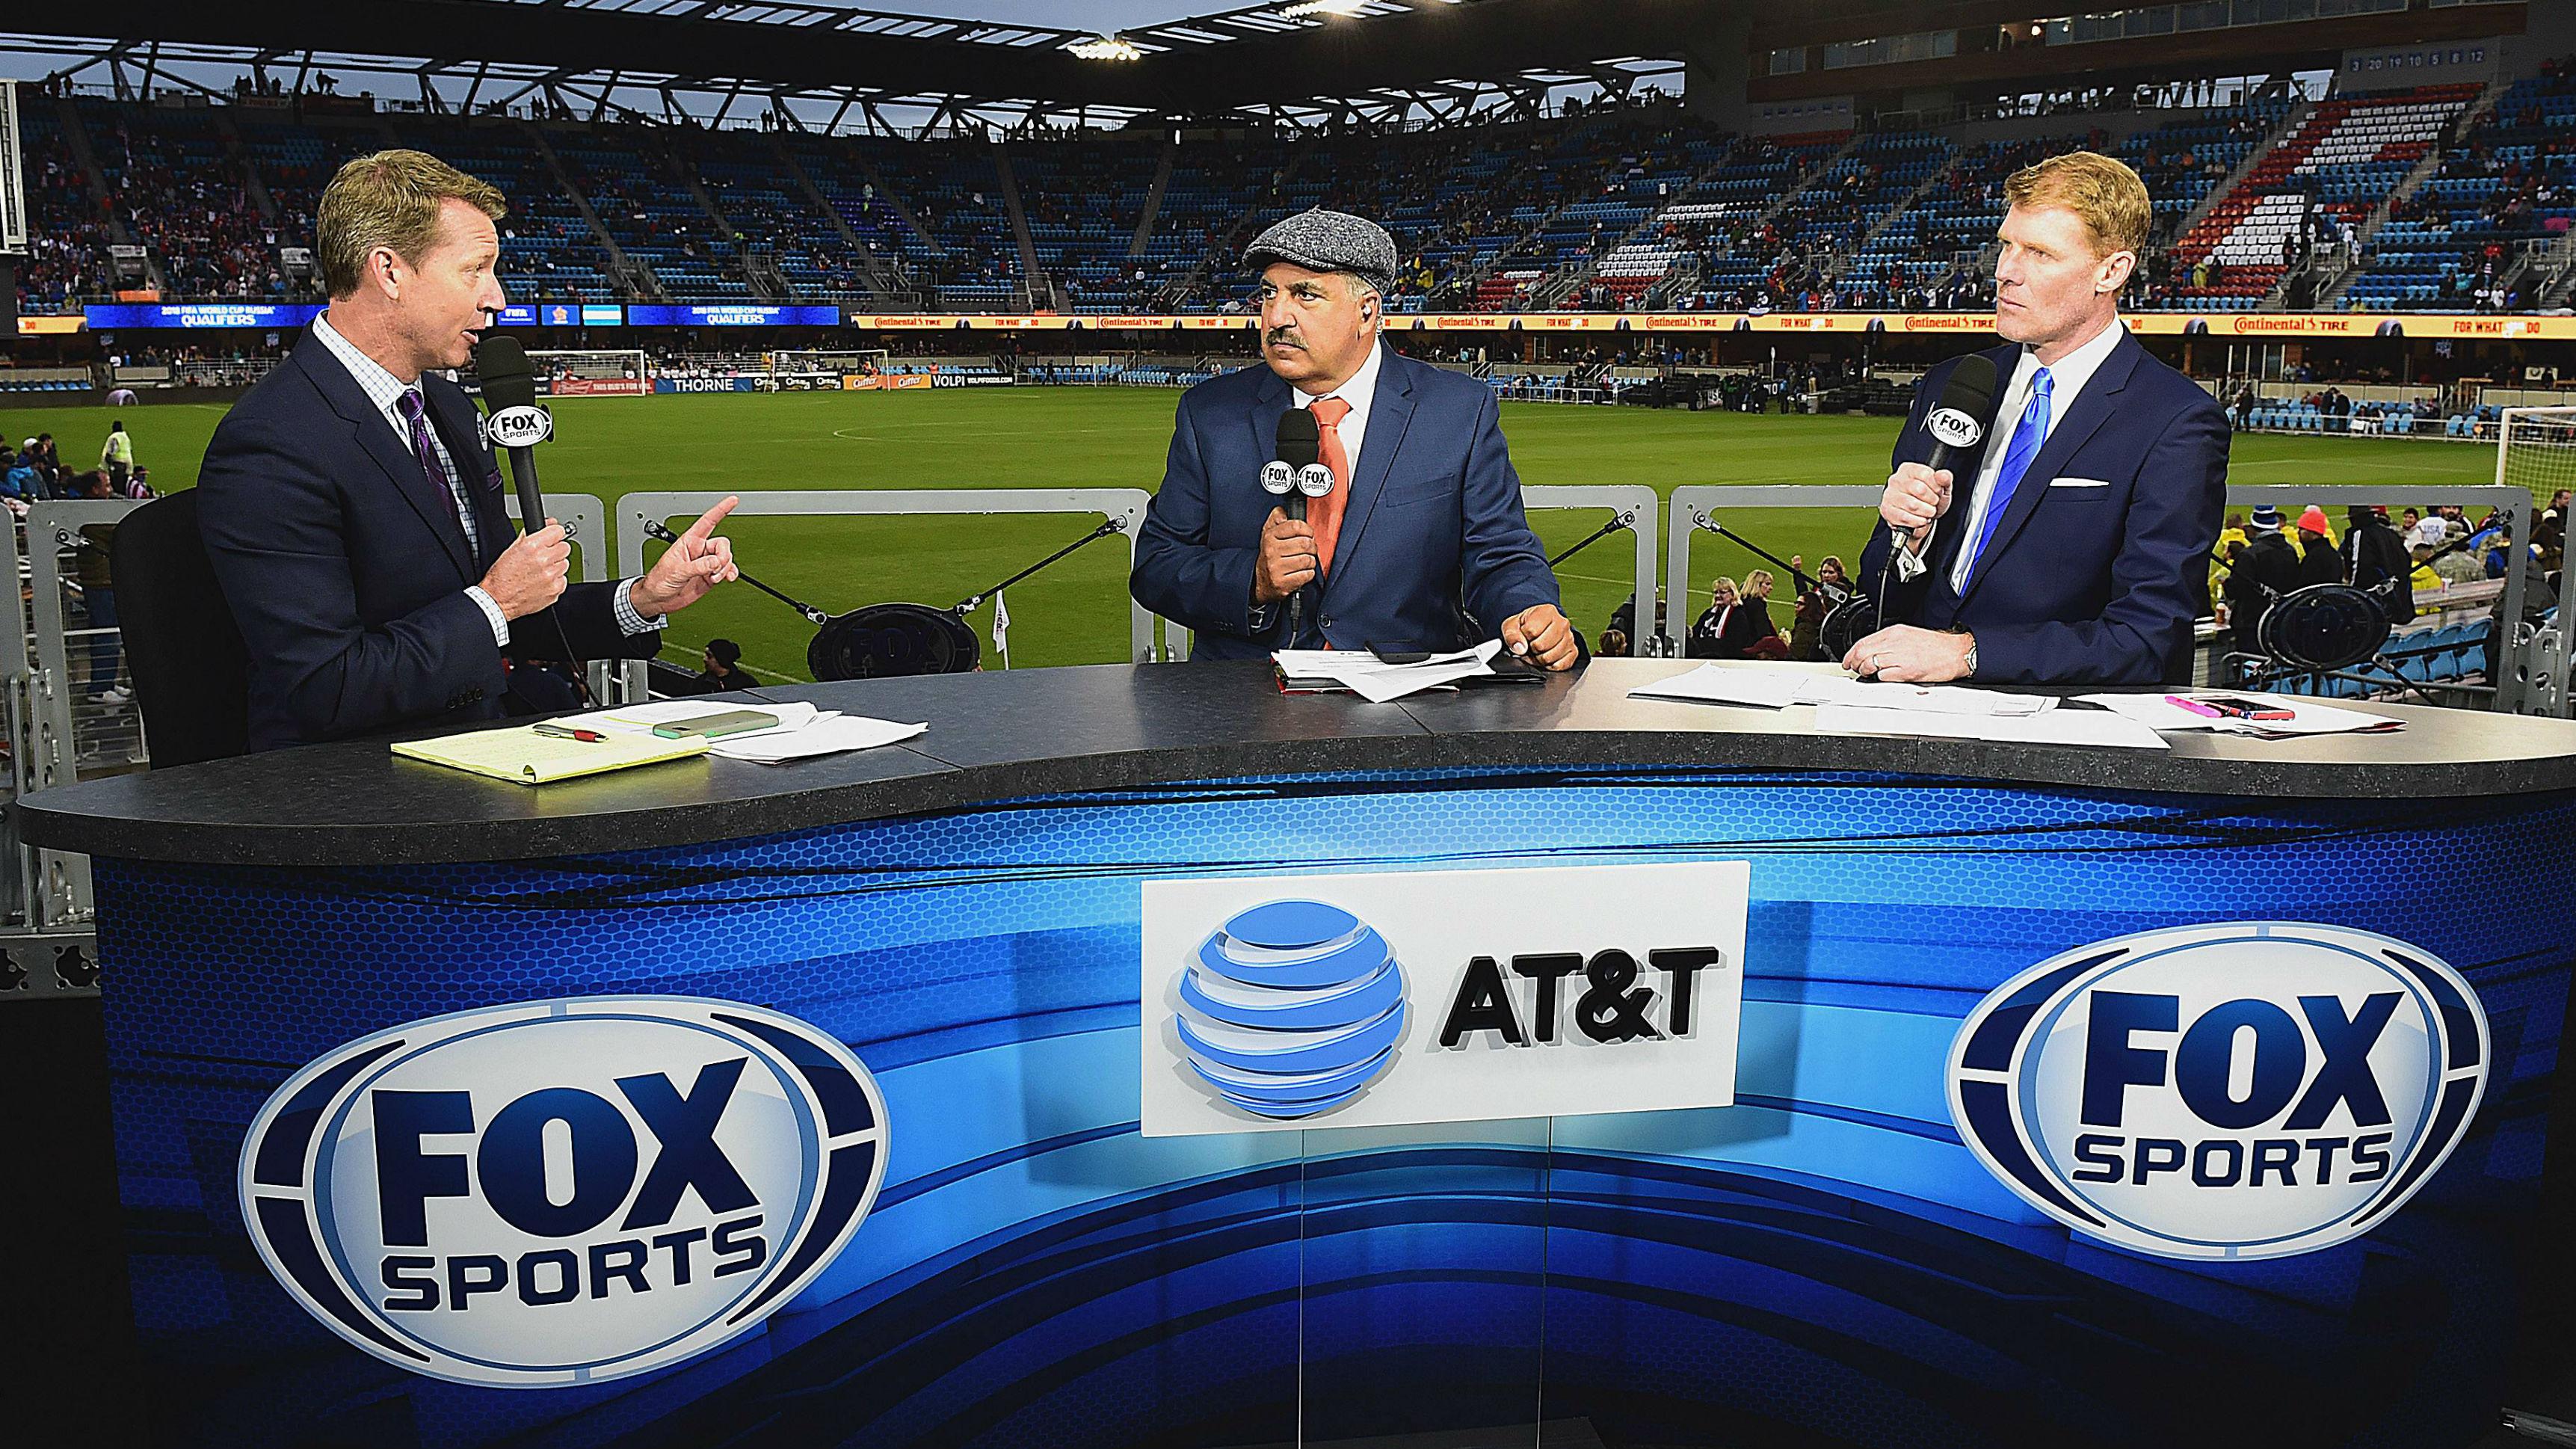 Fox Sports set